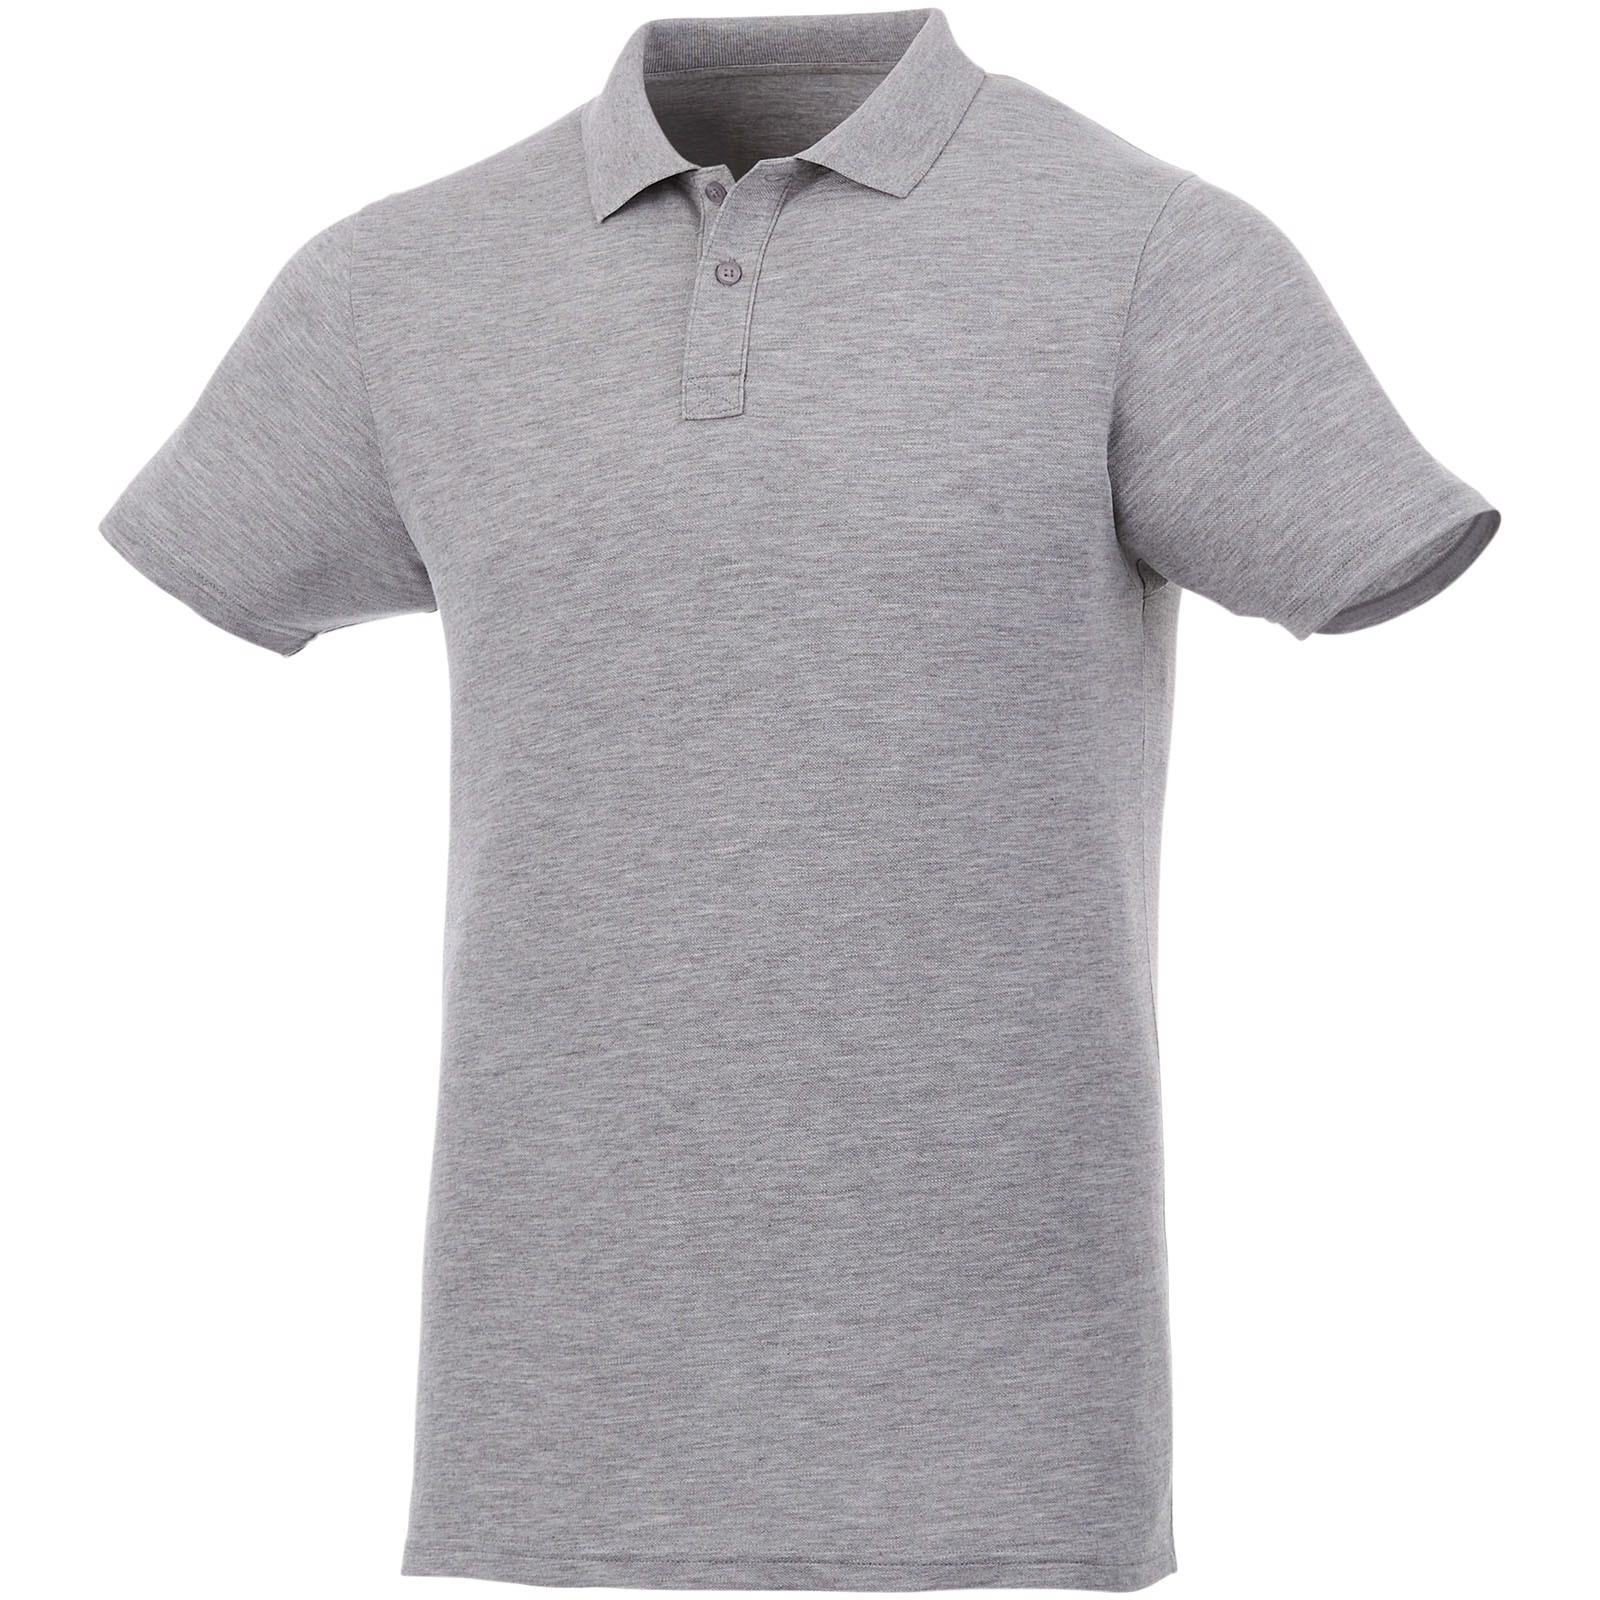 Liberty short sleeve men's polo - Heather grey / L